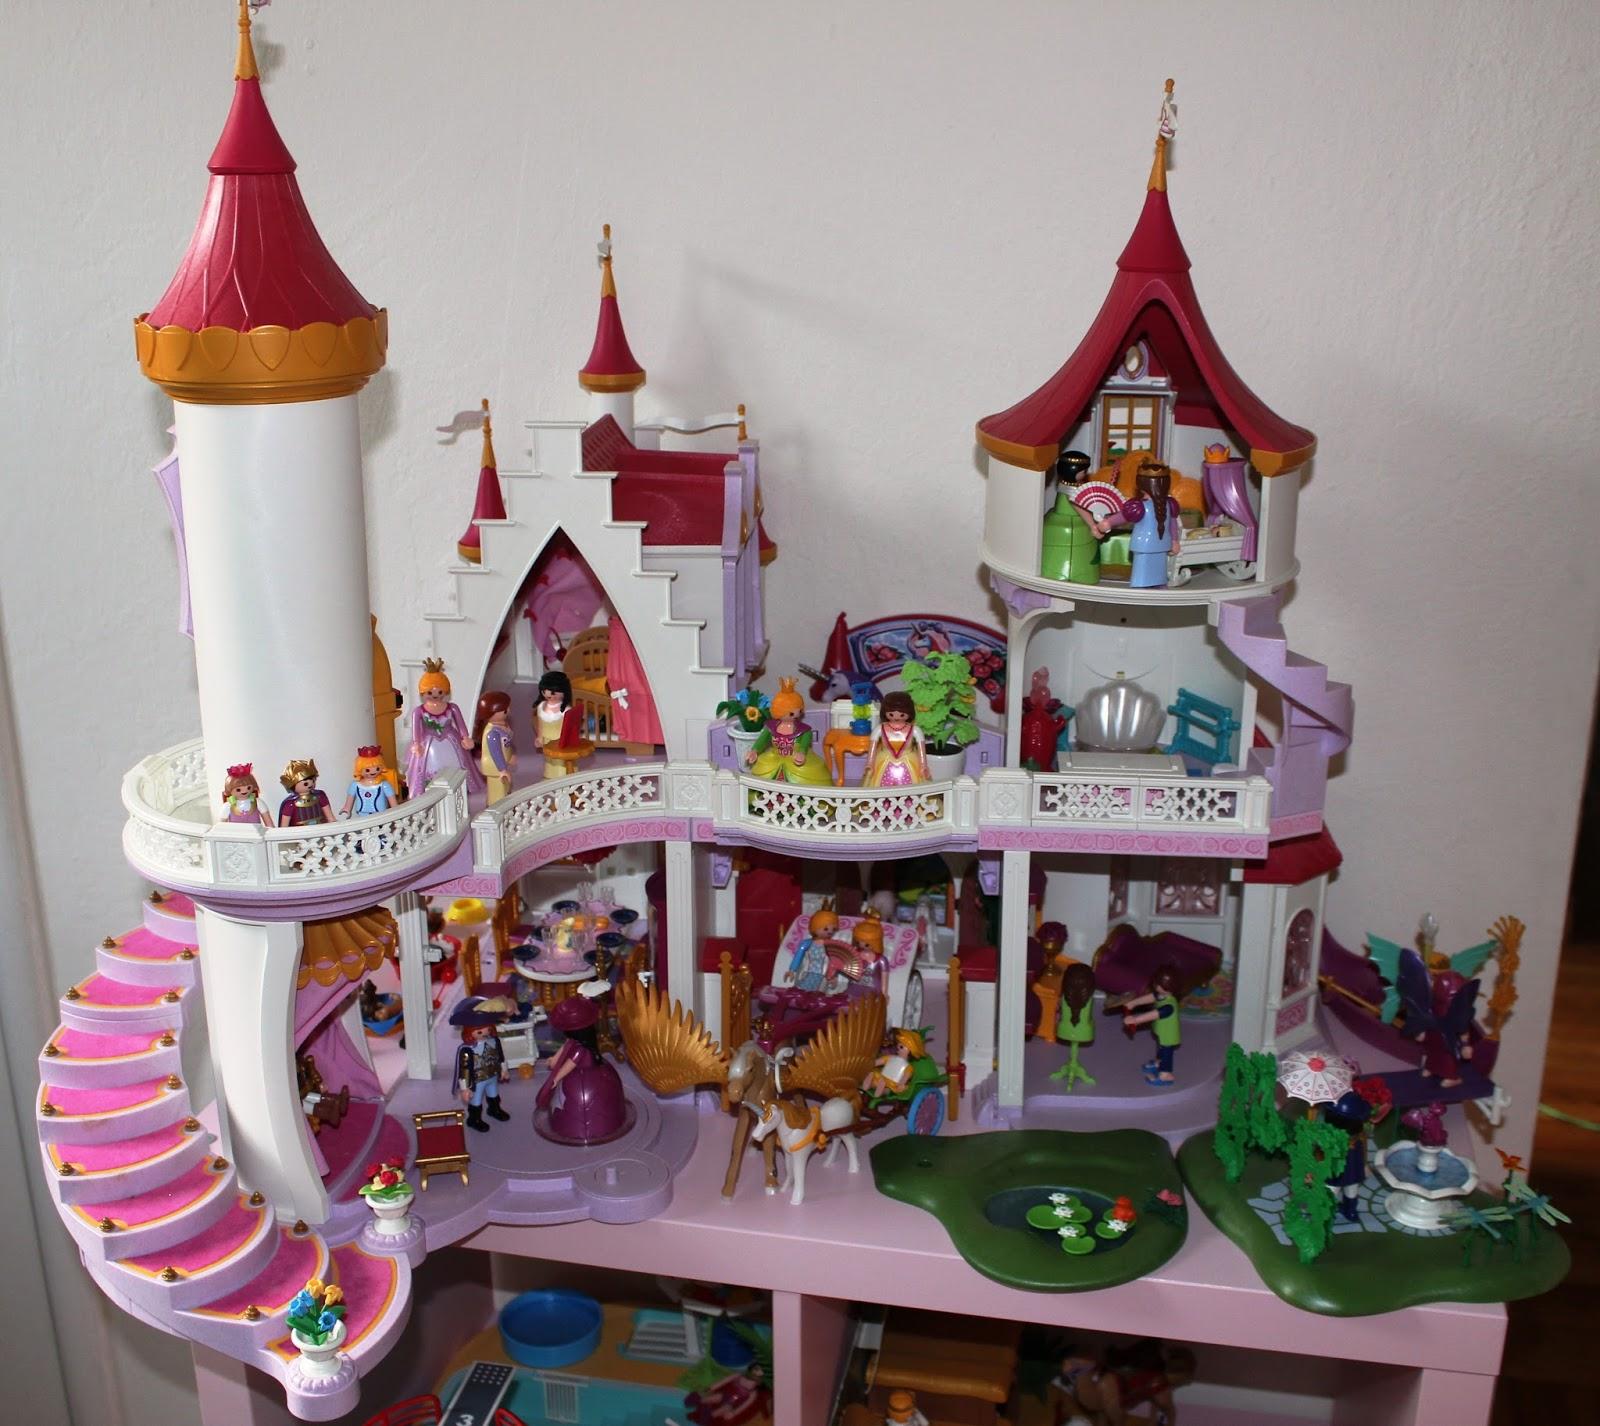 Le château de playmobil